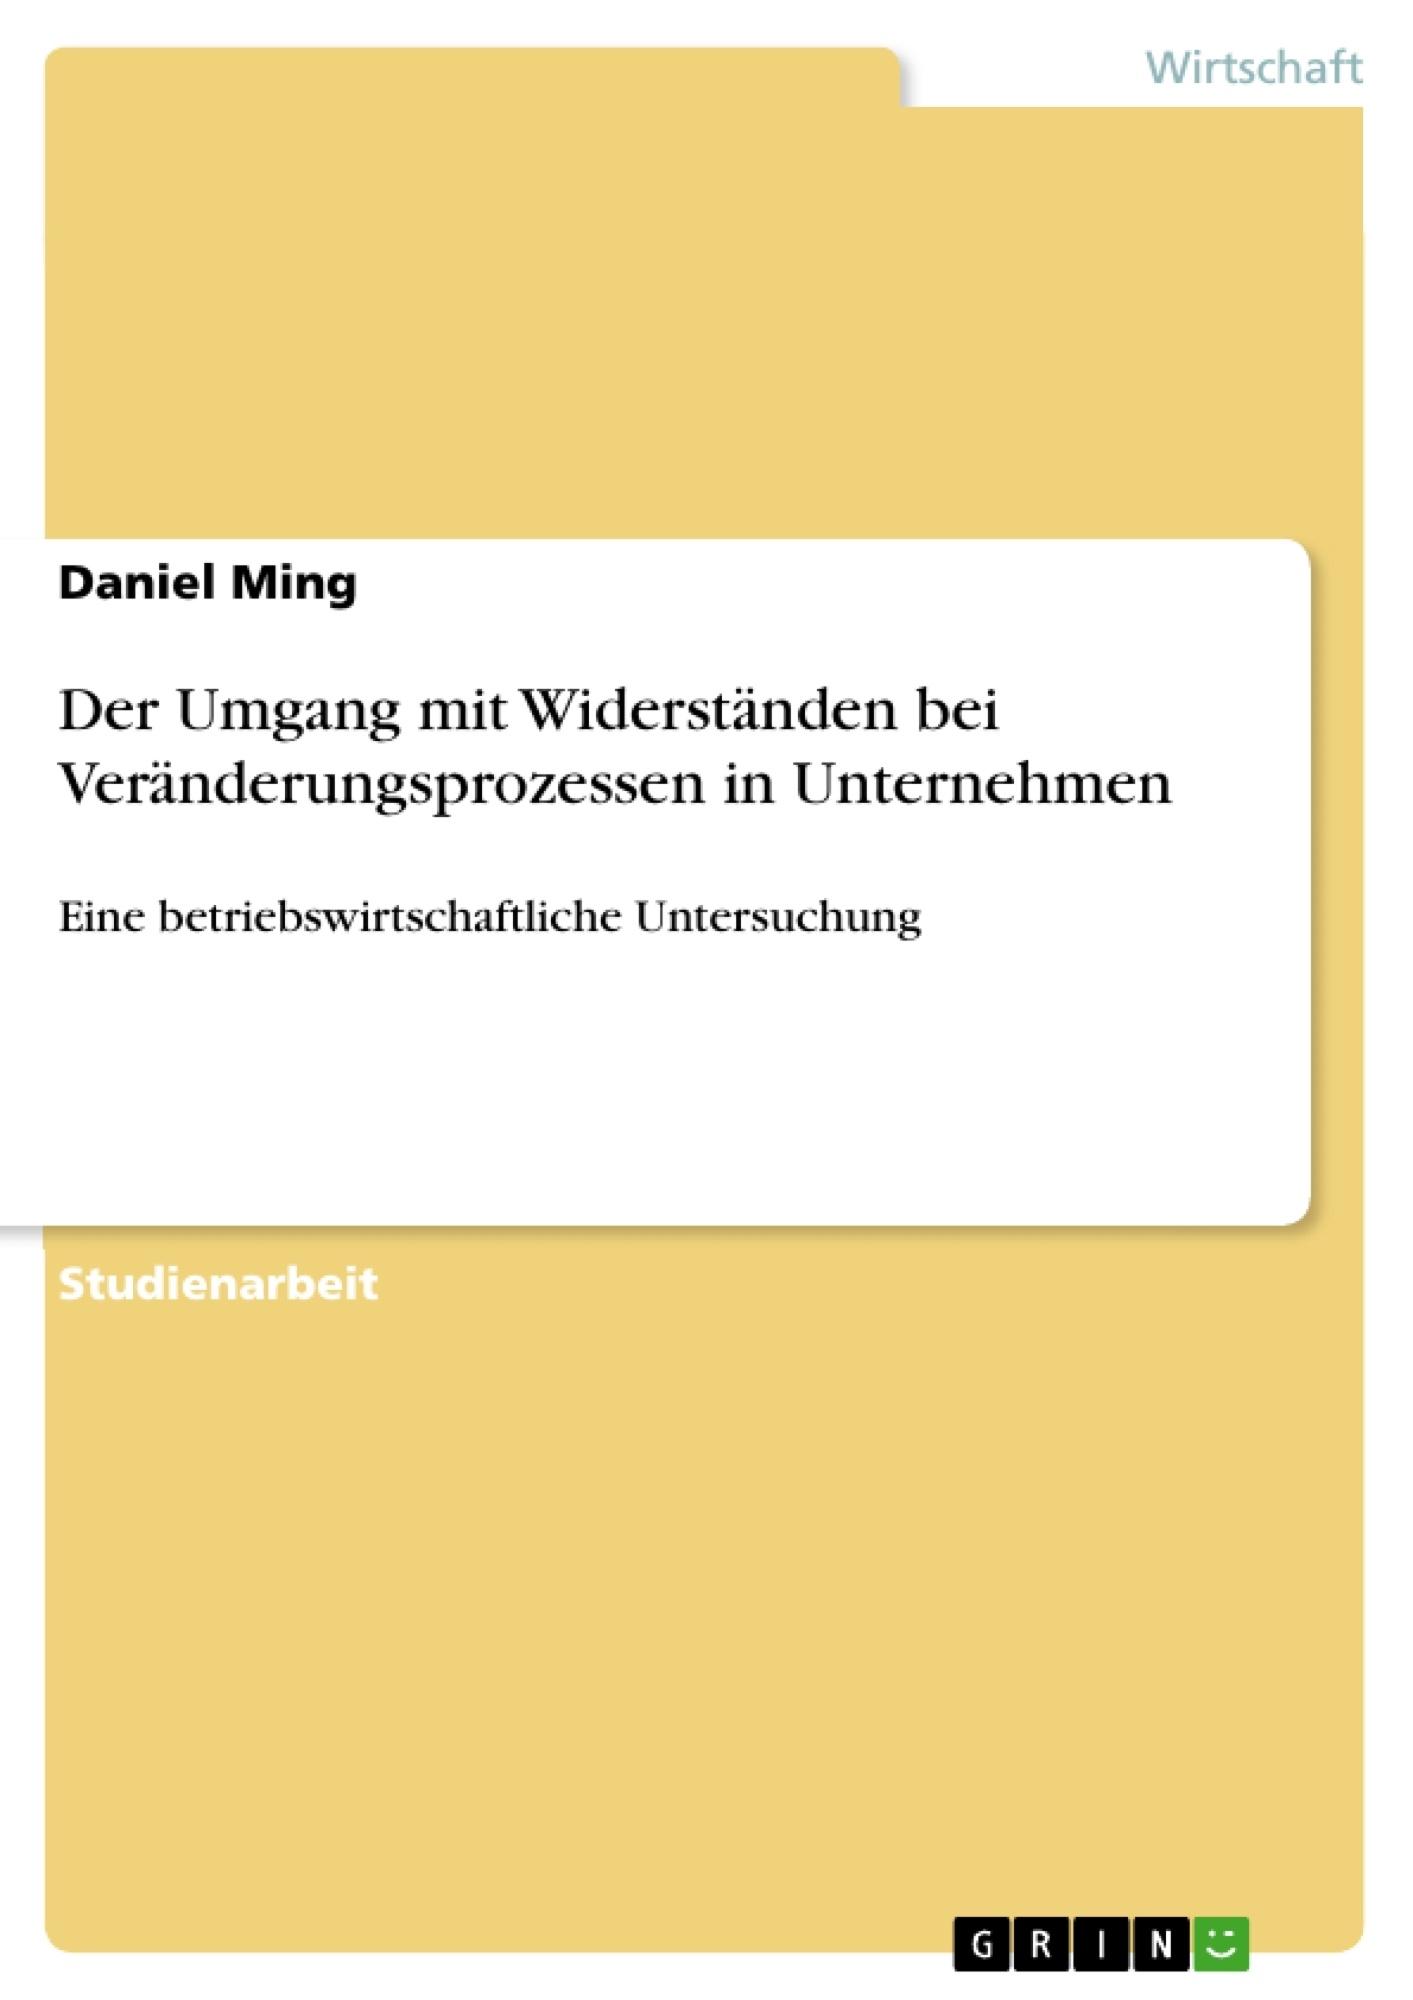 Titel: Der Umgang mit Widerständen bei Veränderungsprozessen in Unternehmen